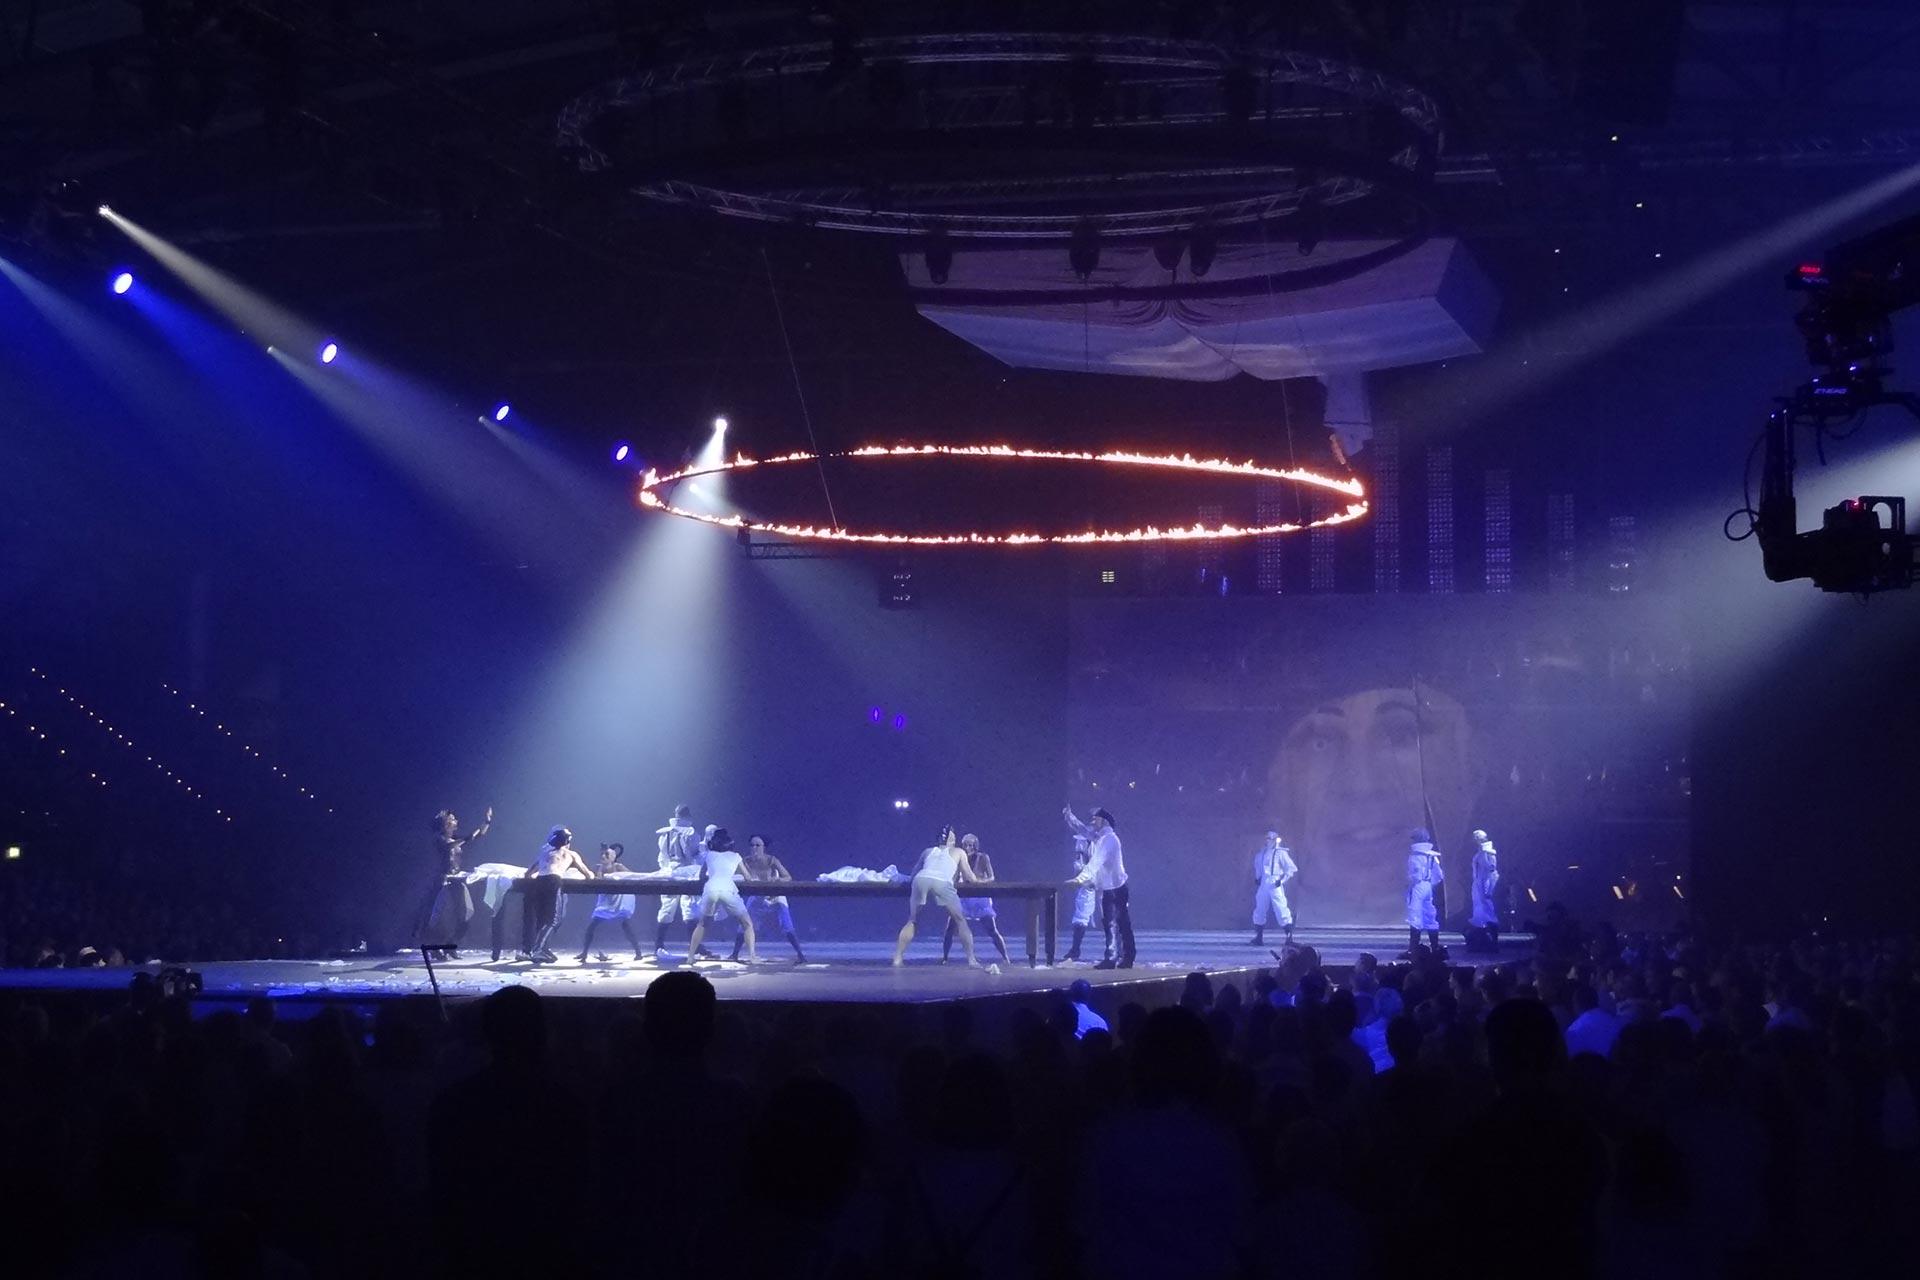 Bühnen-Pyroshow Indoor